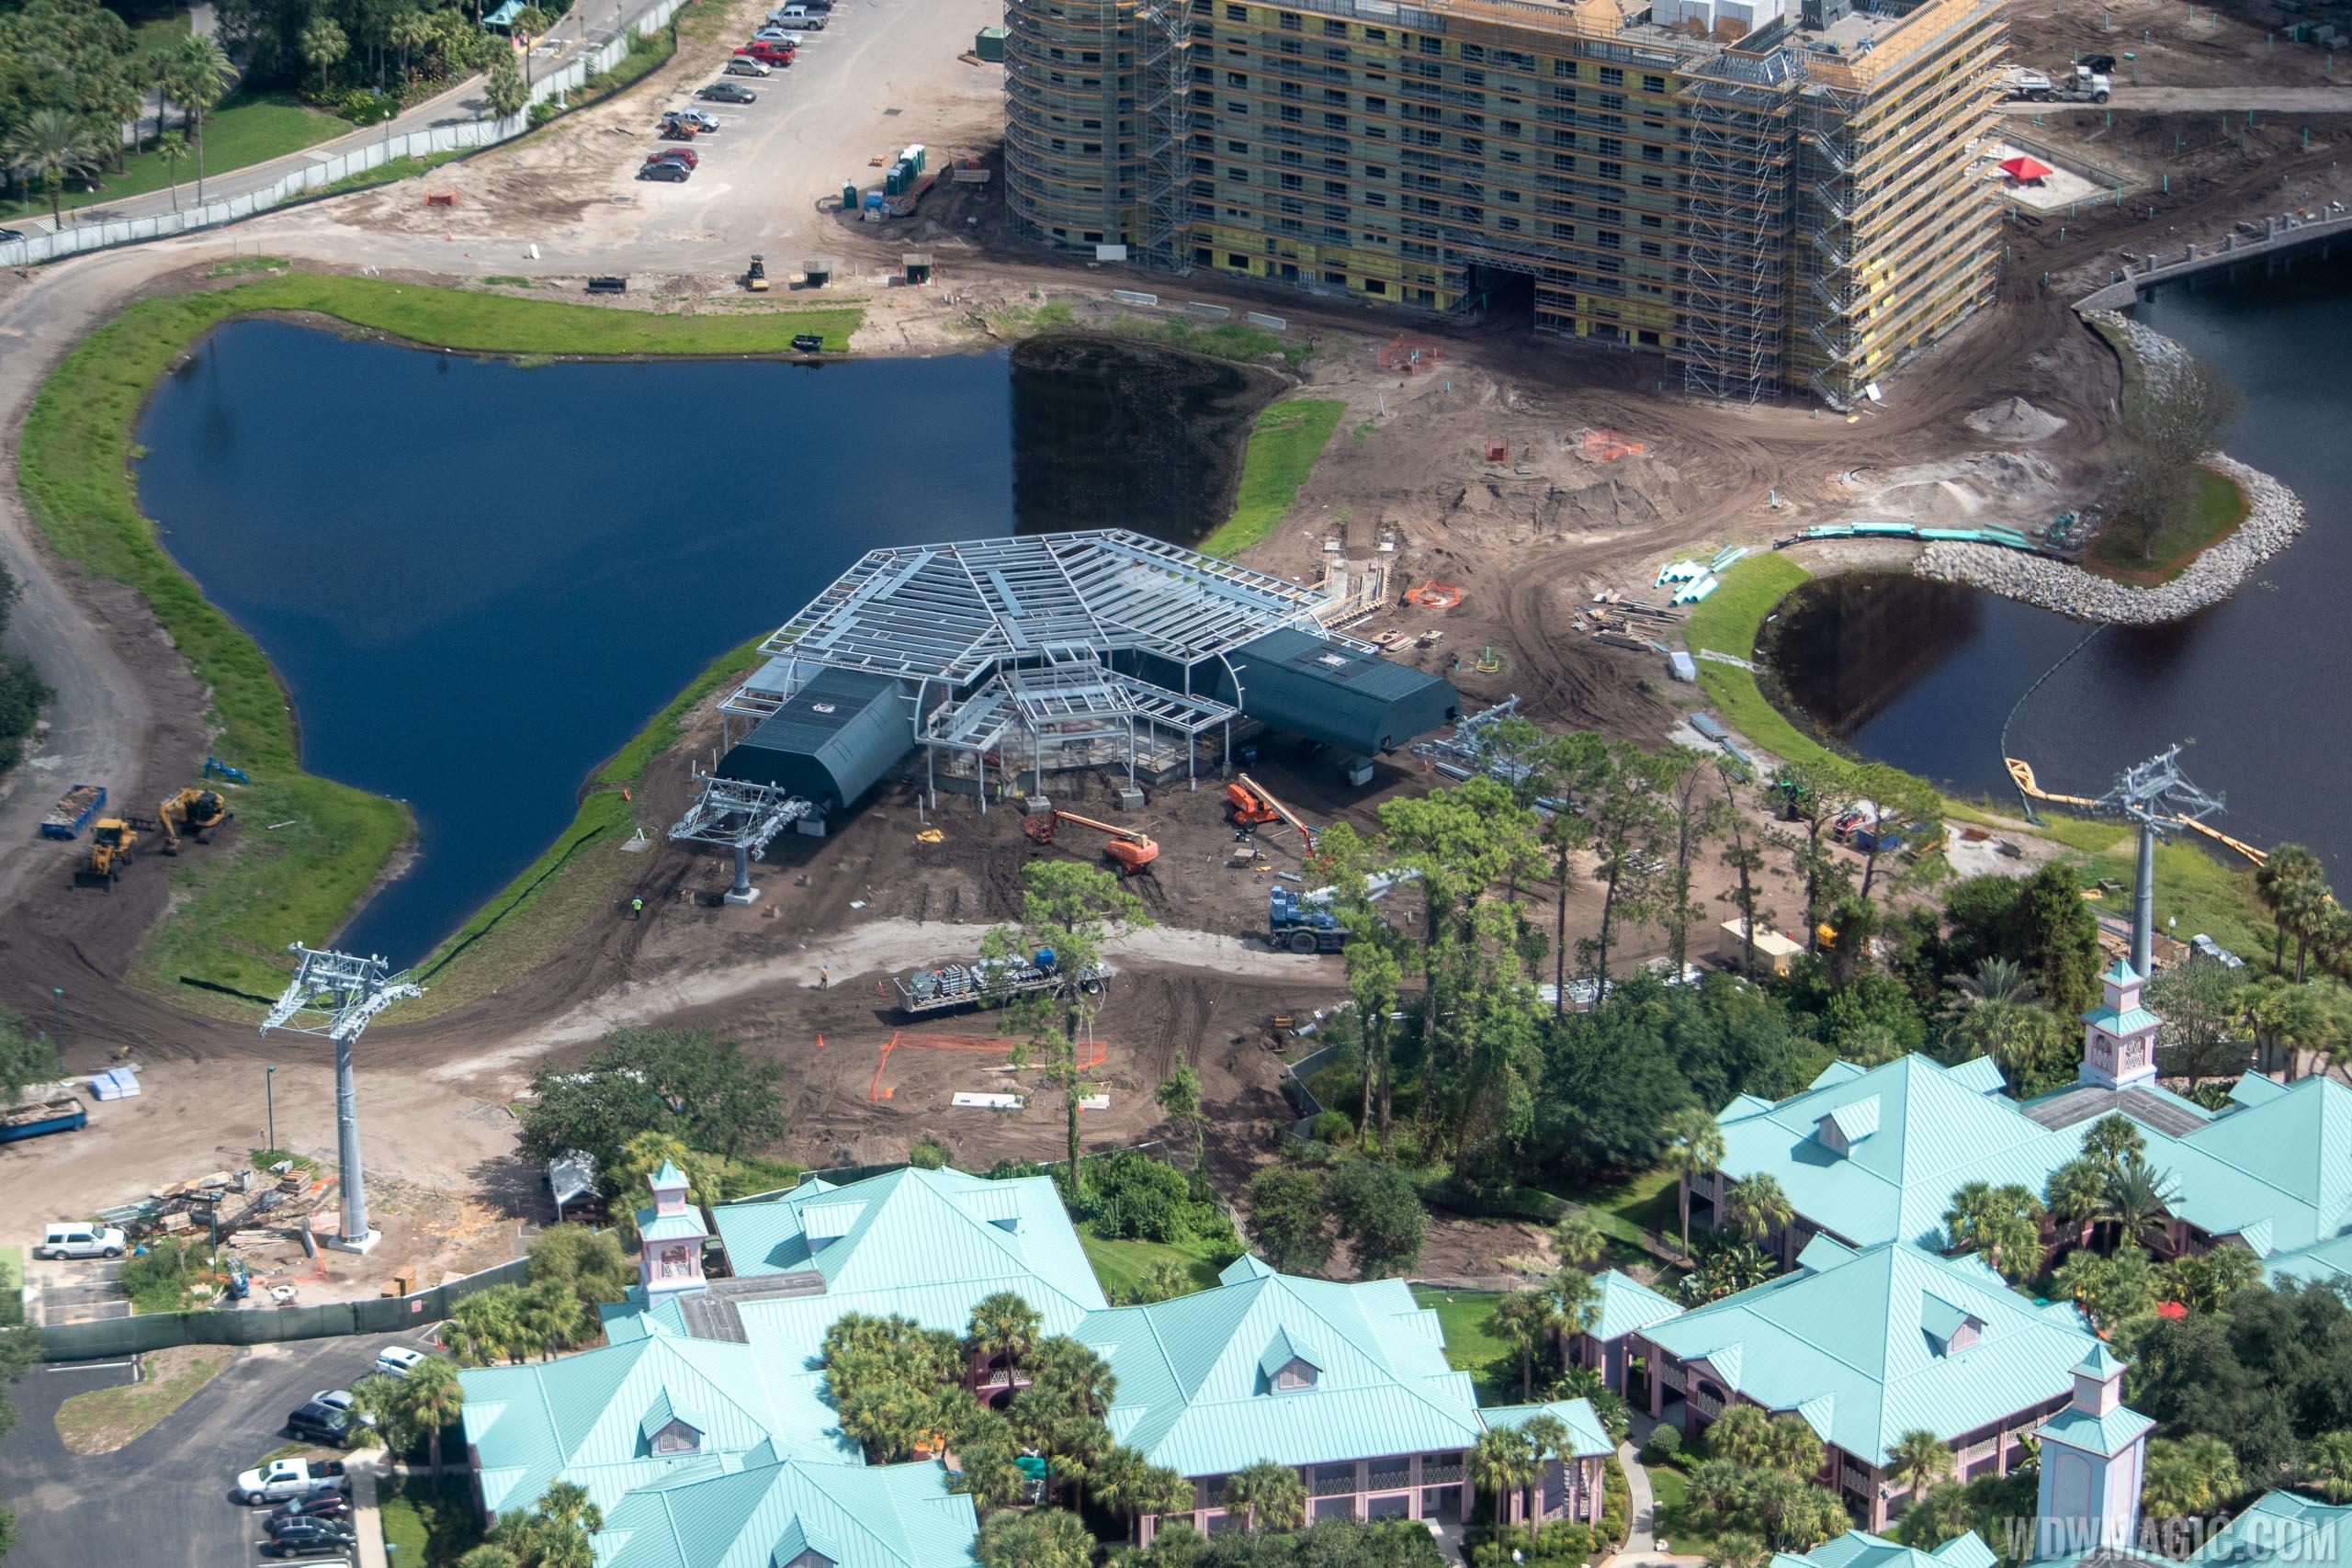 Disney Skyliner construction - Disney Riviera Resort